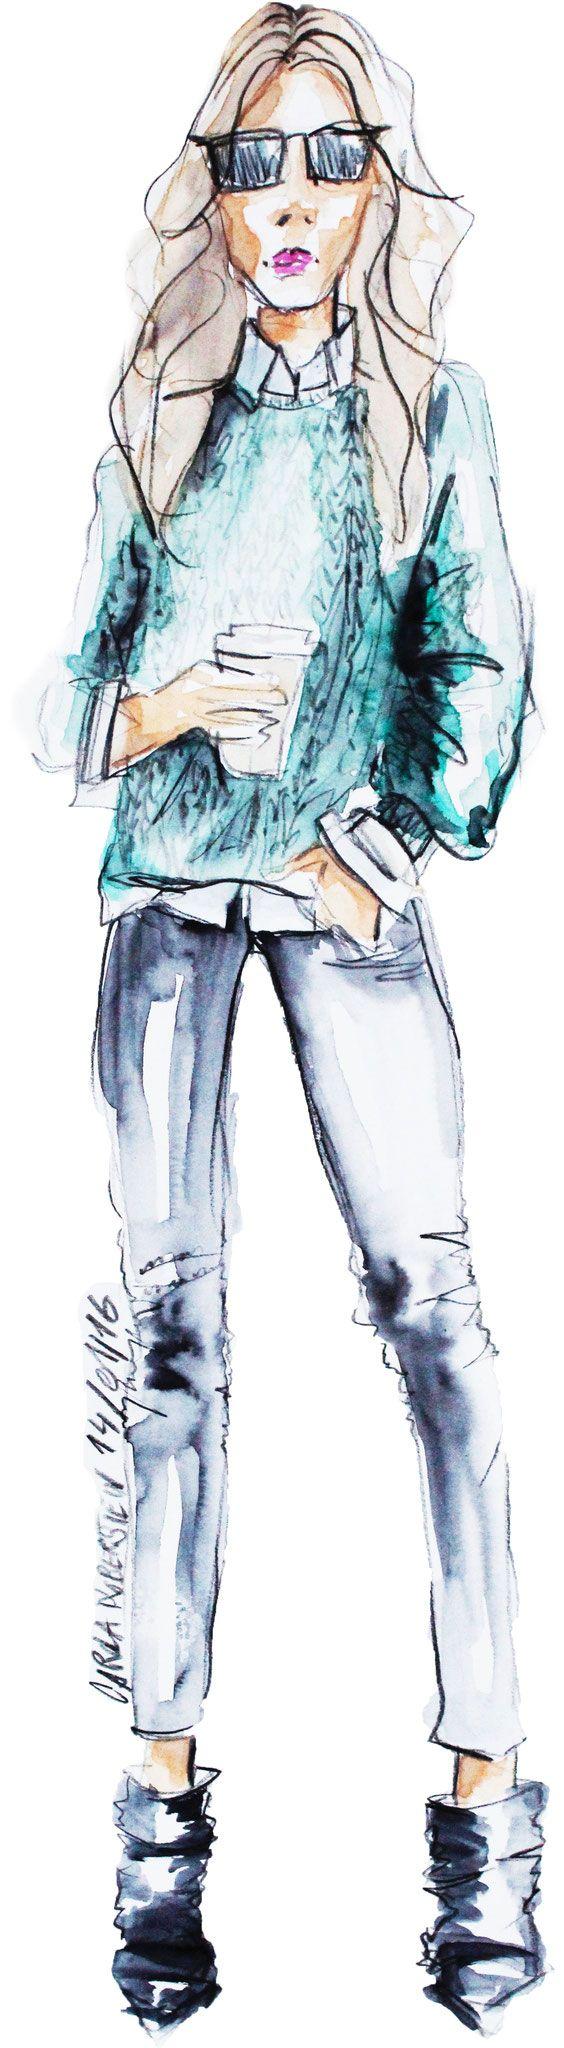 Modeillustration von Carola Koberstein    #modezeichnung #modeillustration #illustration #illustratorin #watercolor #aquarell